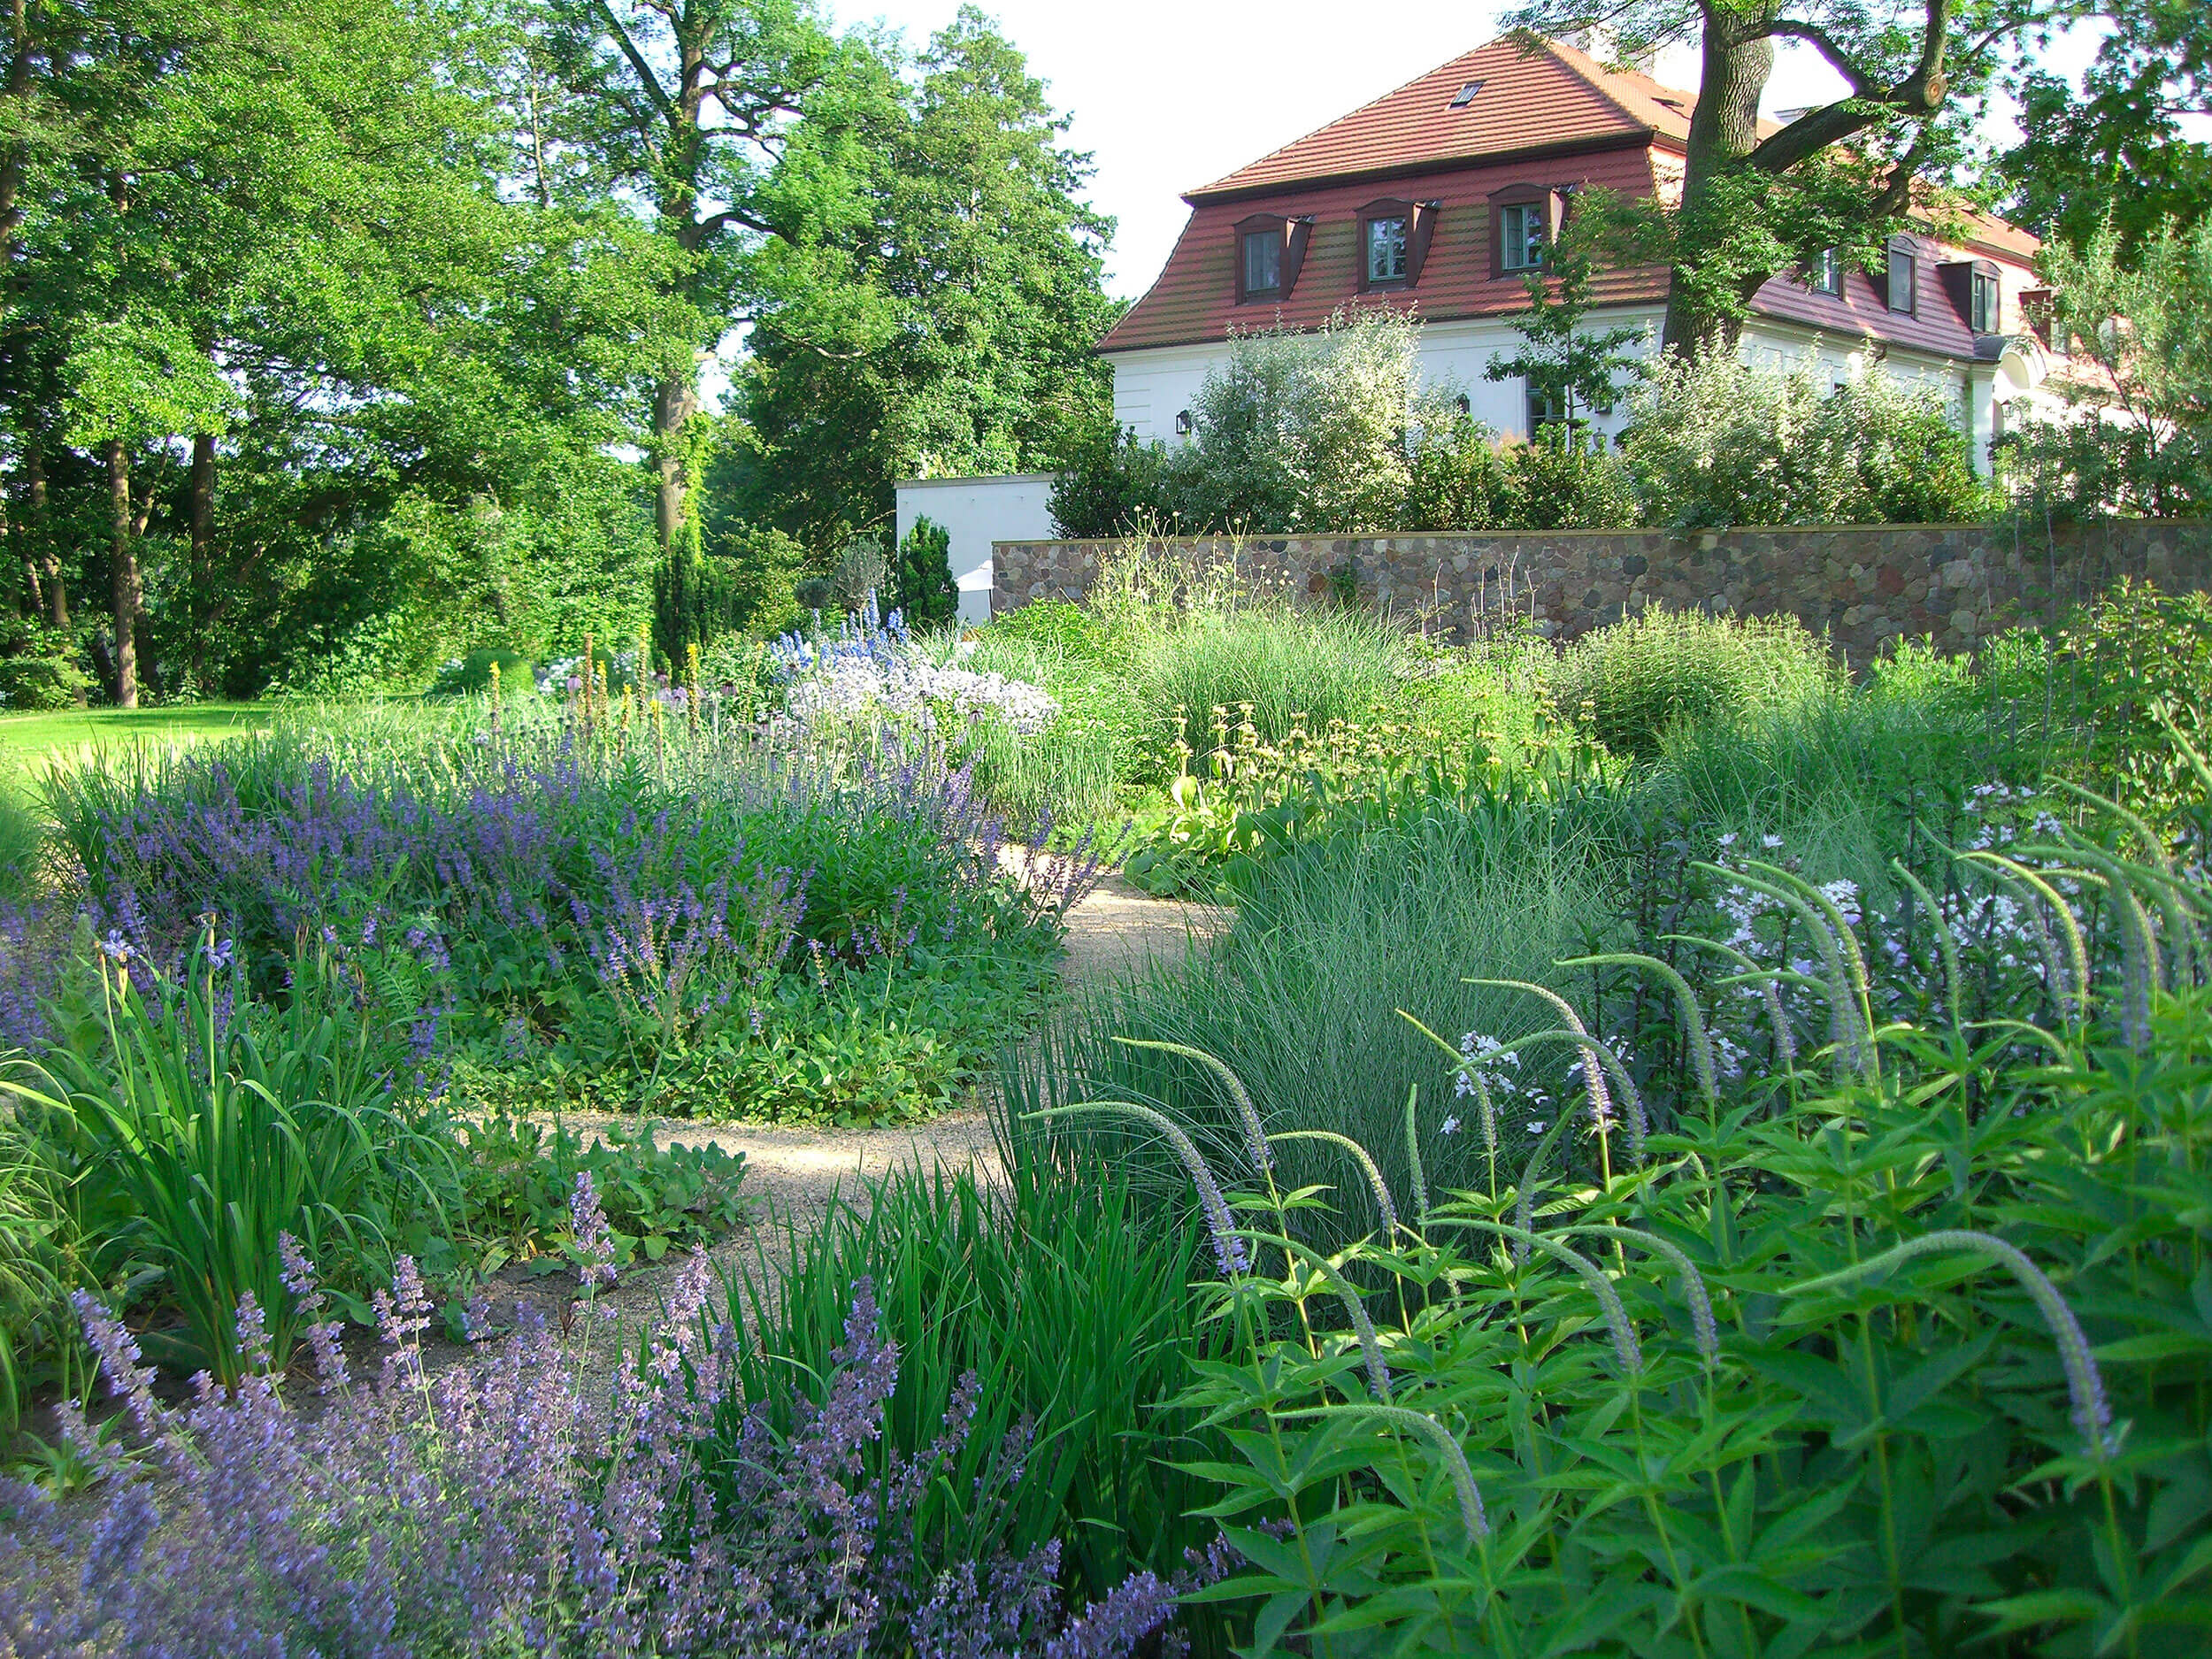 Garden near Berlin, Germany